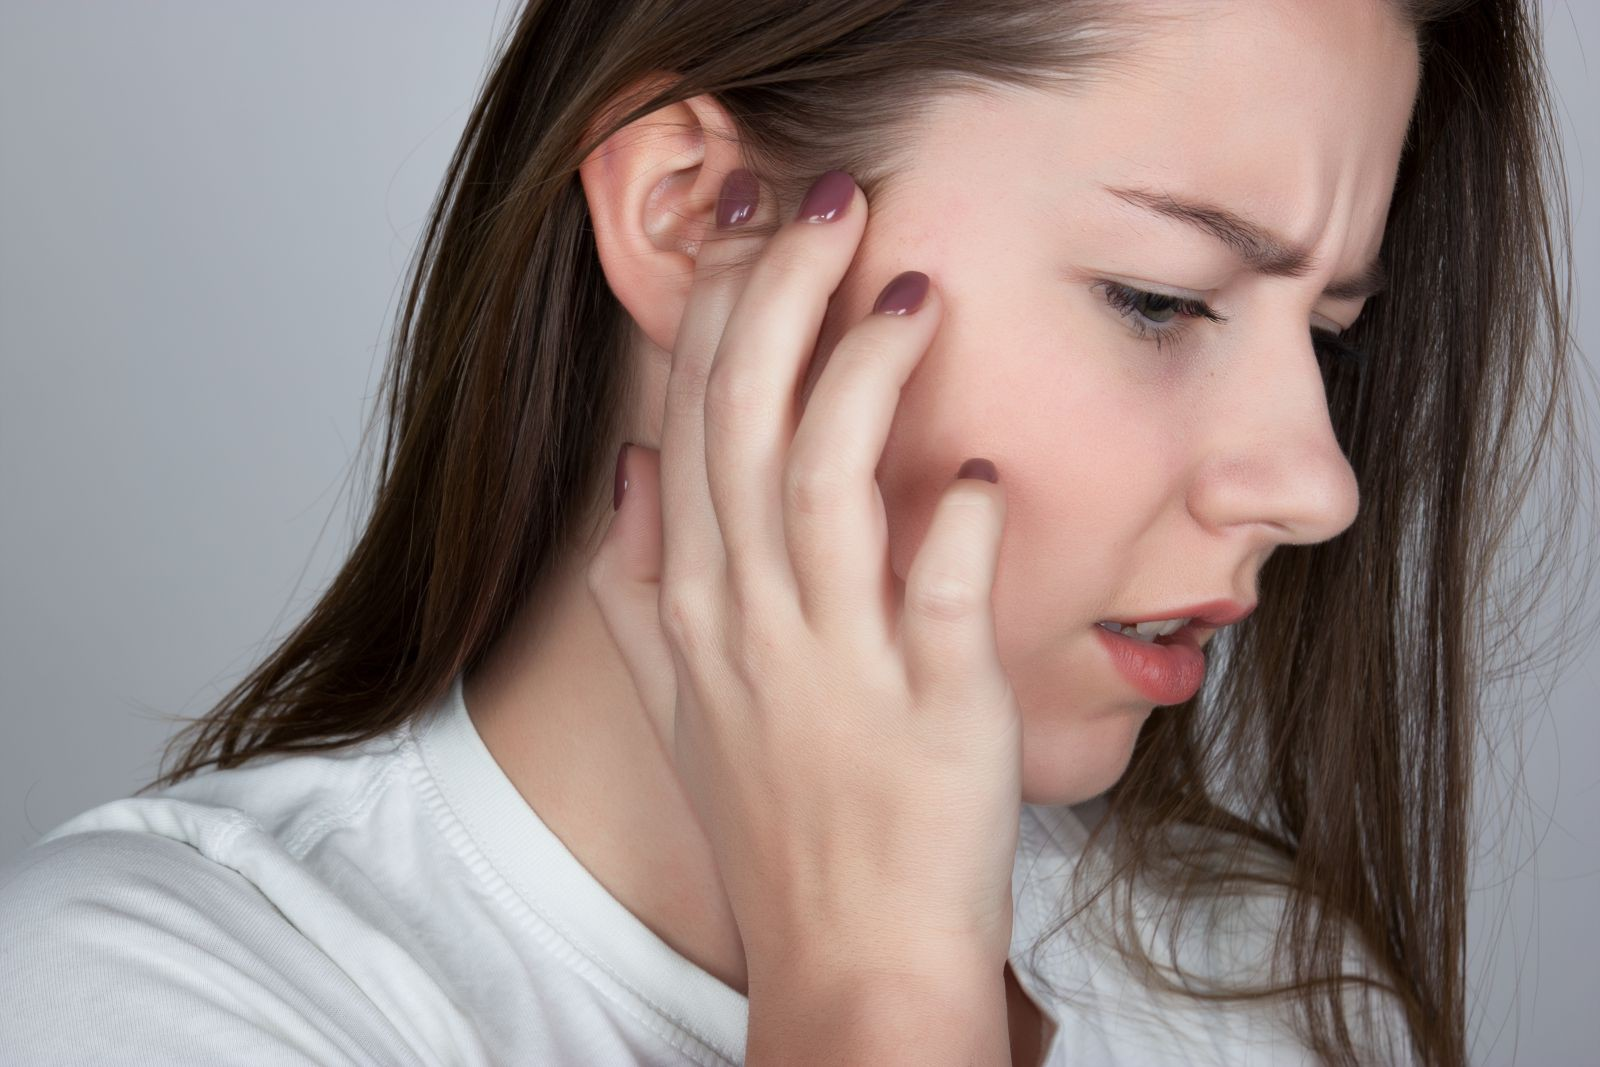 Những nguyên nhân gây chóng mặt phổ biến mà nhiều người lại không hề hay biết - Ảnh 3.